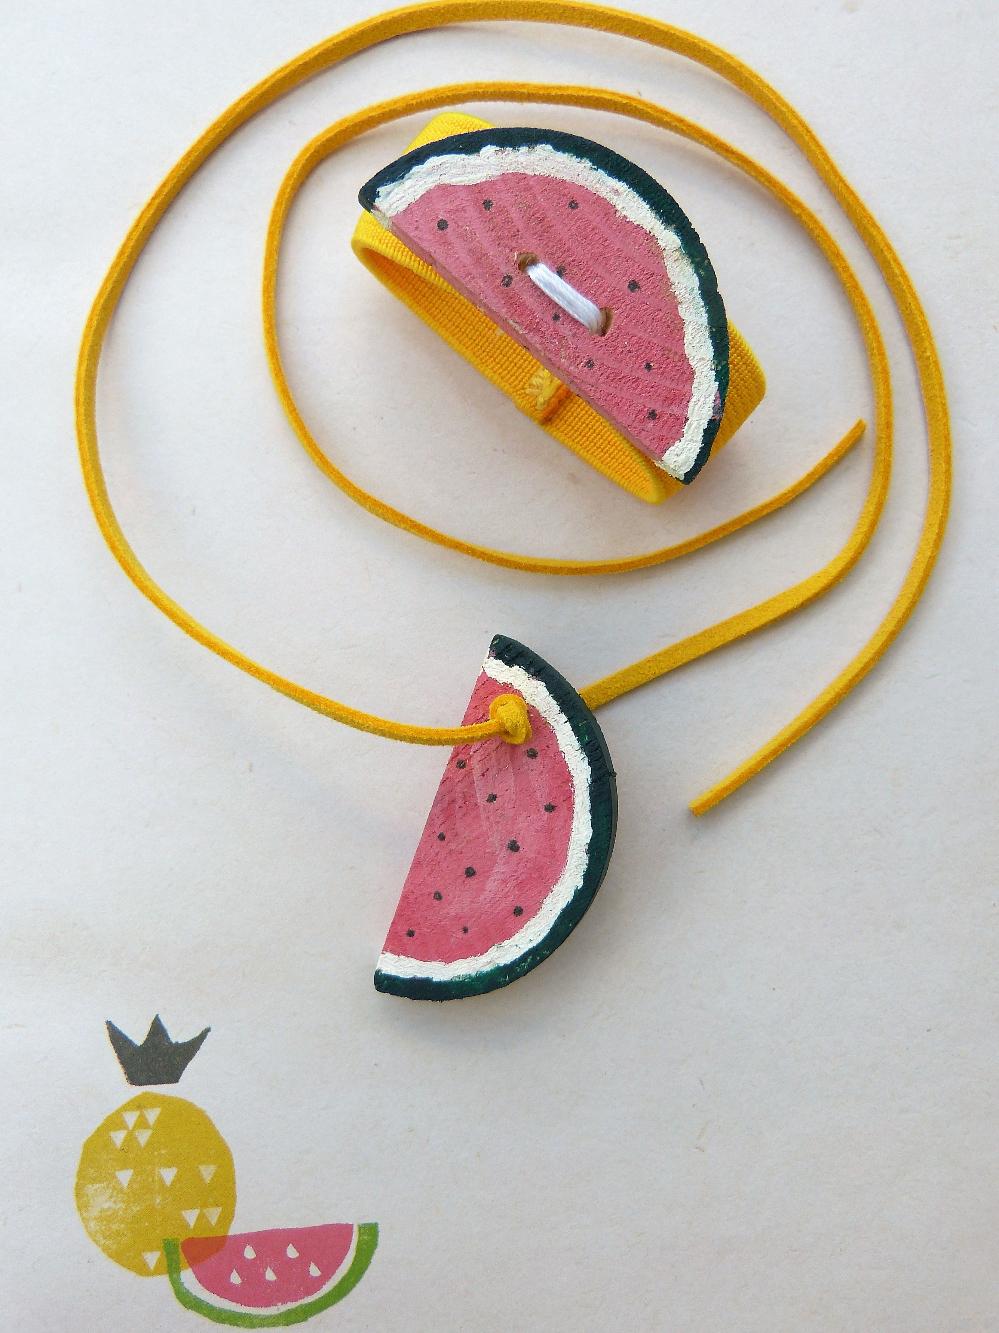 Wassermelonenschmuck für Kinder selbstgemacht | www.fantasiewerk.ch